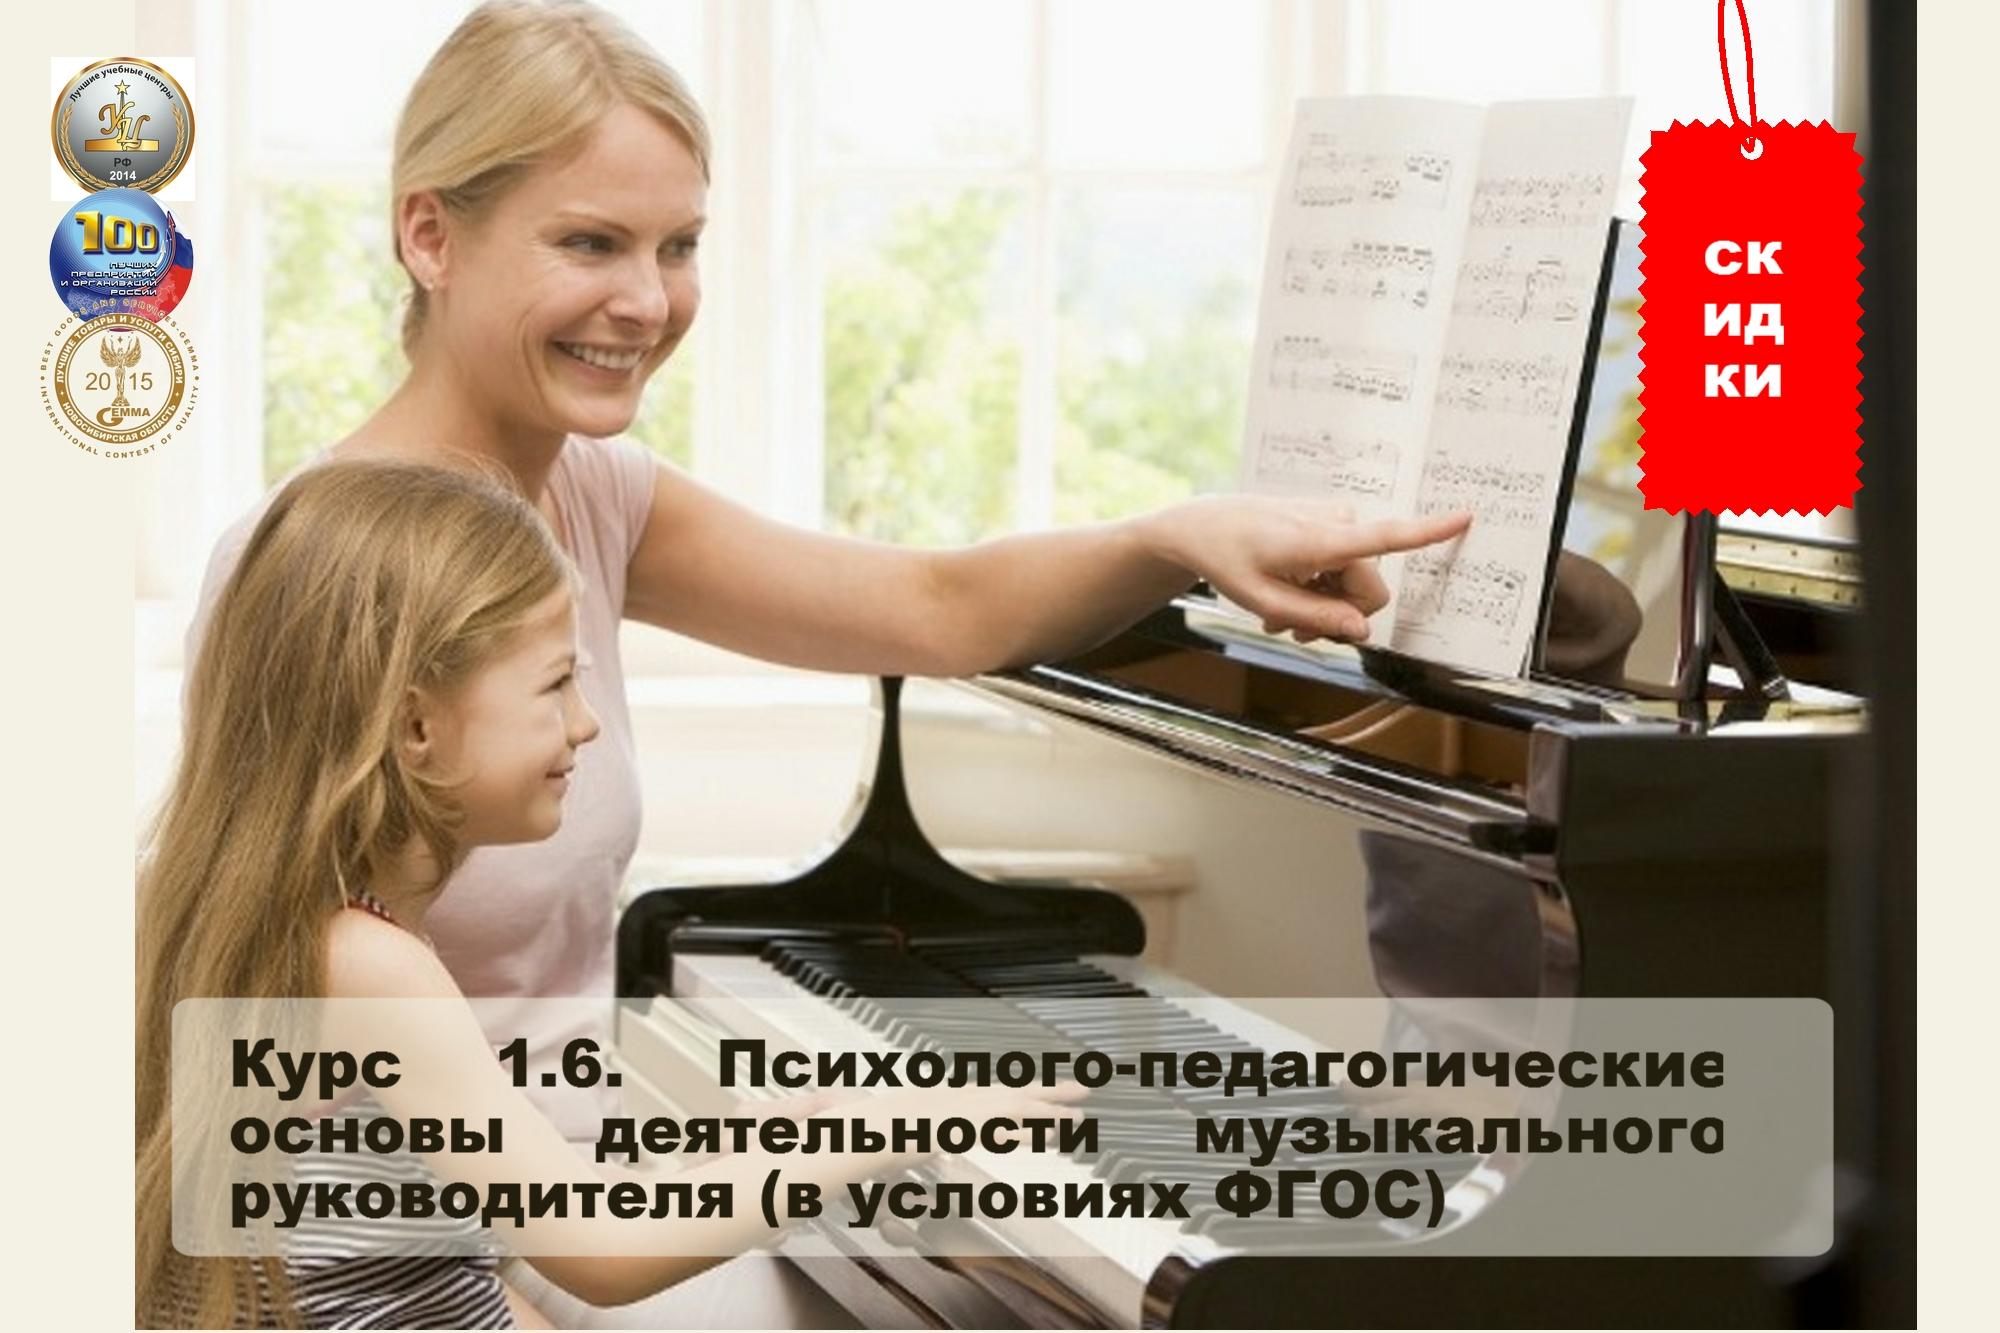 Дистанционные курсы ИДПК ГО Психолого-педагогические основы деятельности музыкального руководителя